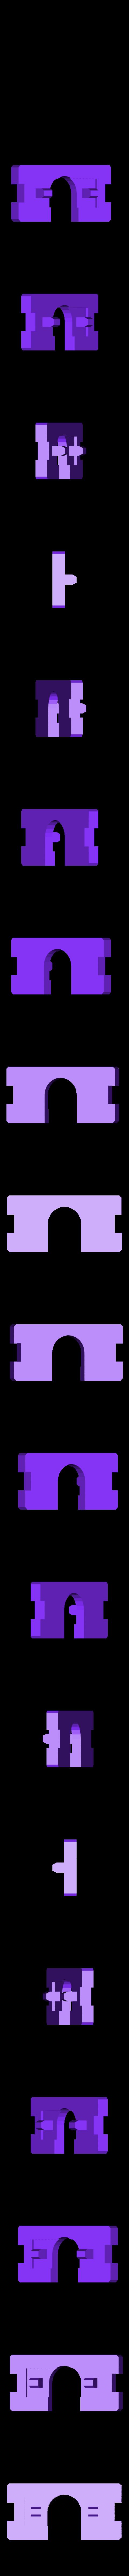 MisumiSpacer.stl Télécharger fichier STL gratuit Hadron (ORD Bot) X et Y Supports de poulie de renvoi d'angle • Design imprimable en 3D, Duskwin